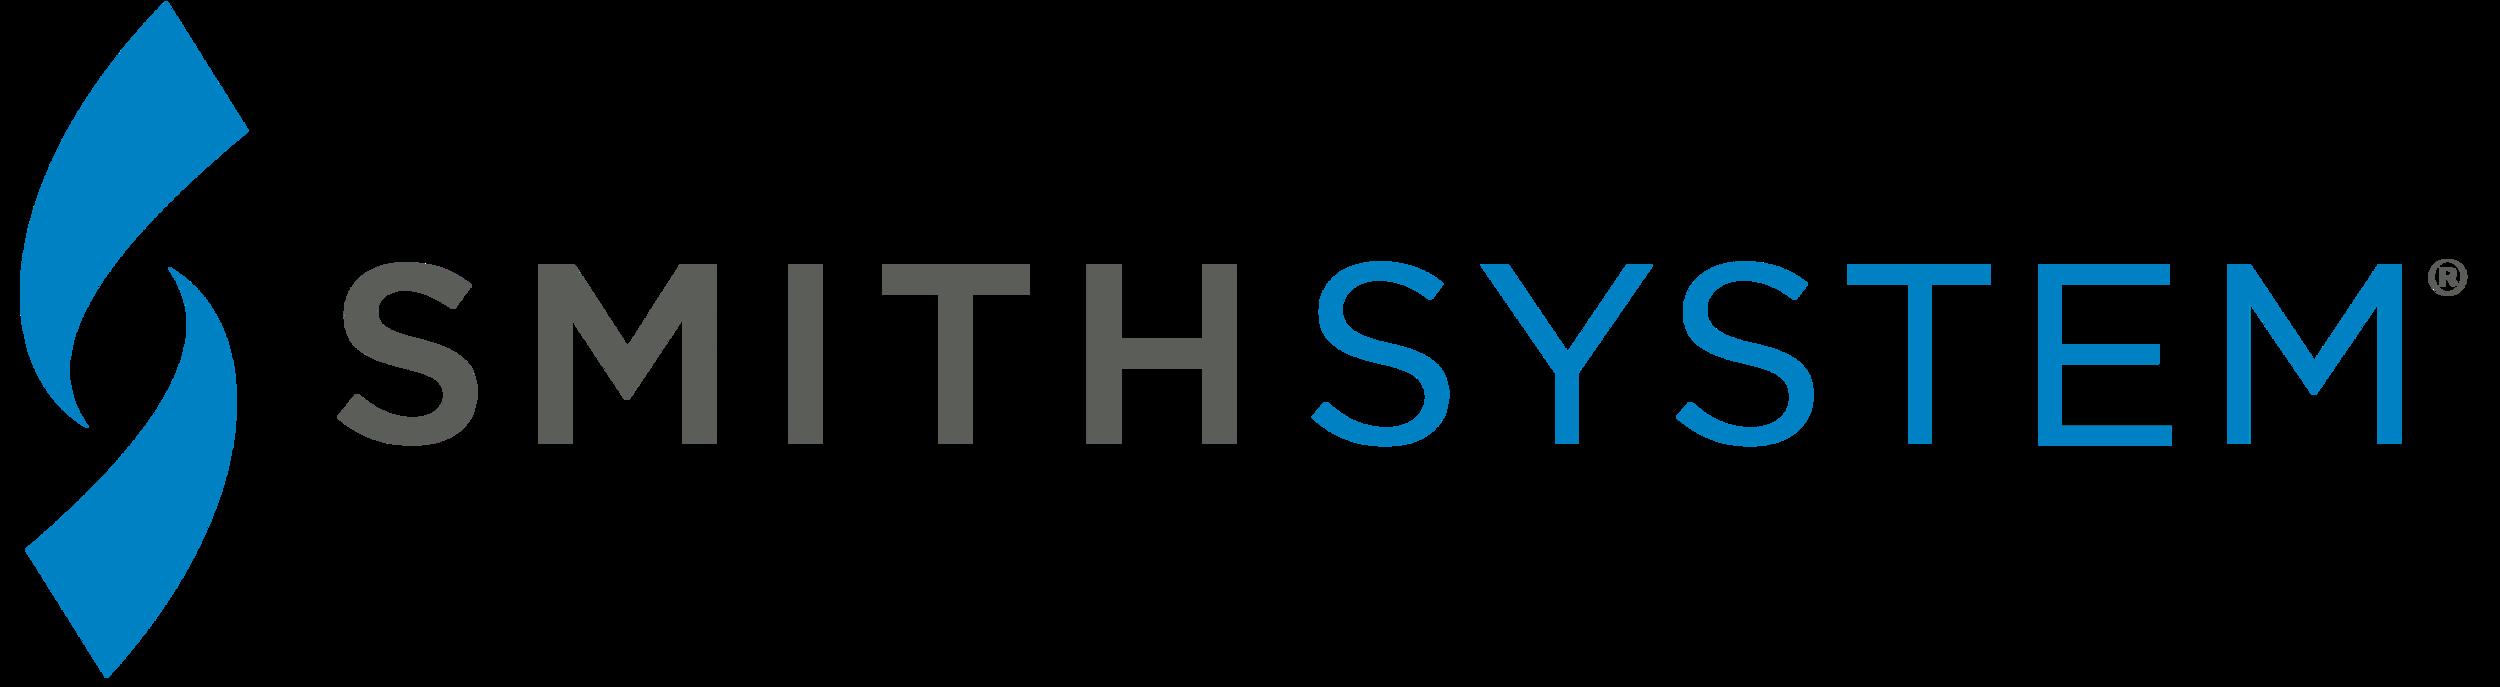 smith-header-logo-text.png